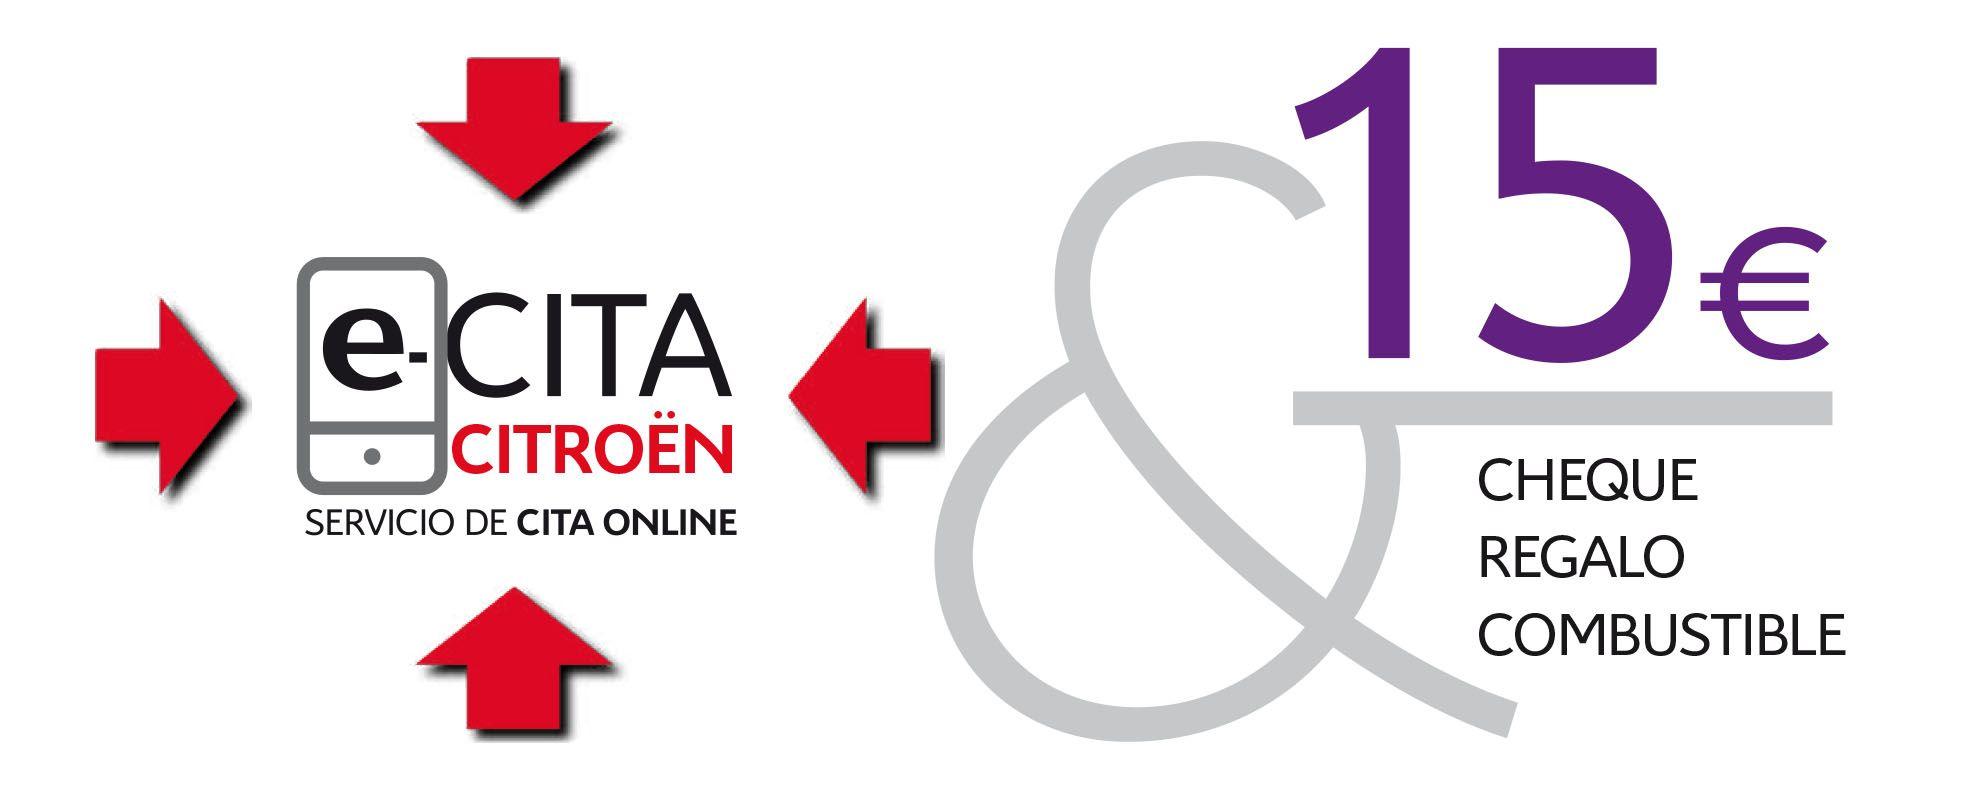 e-CITA ONLINE